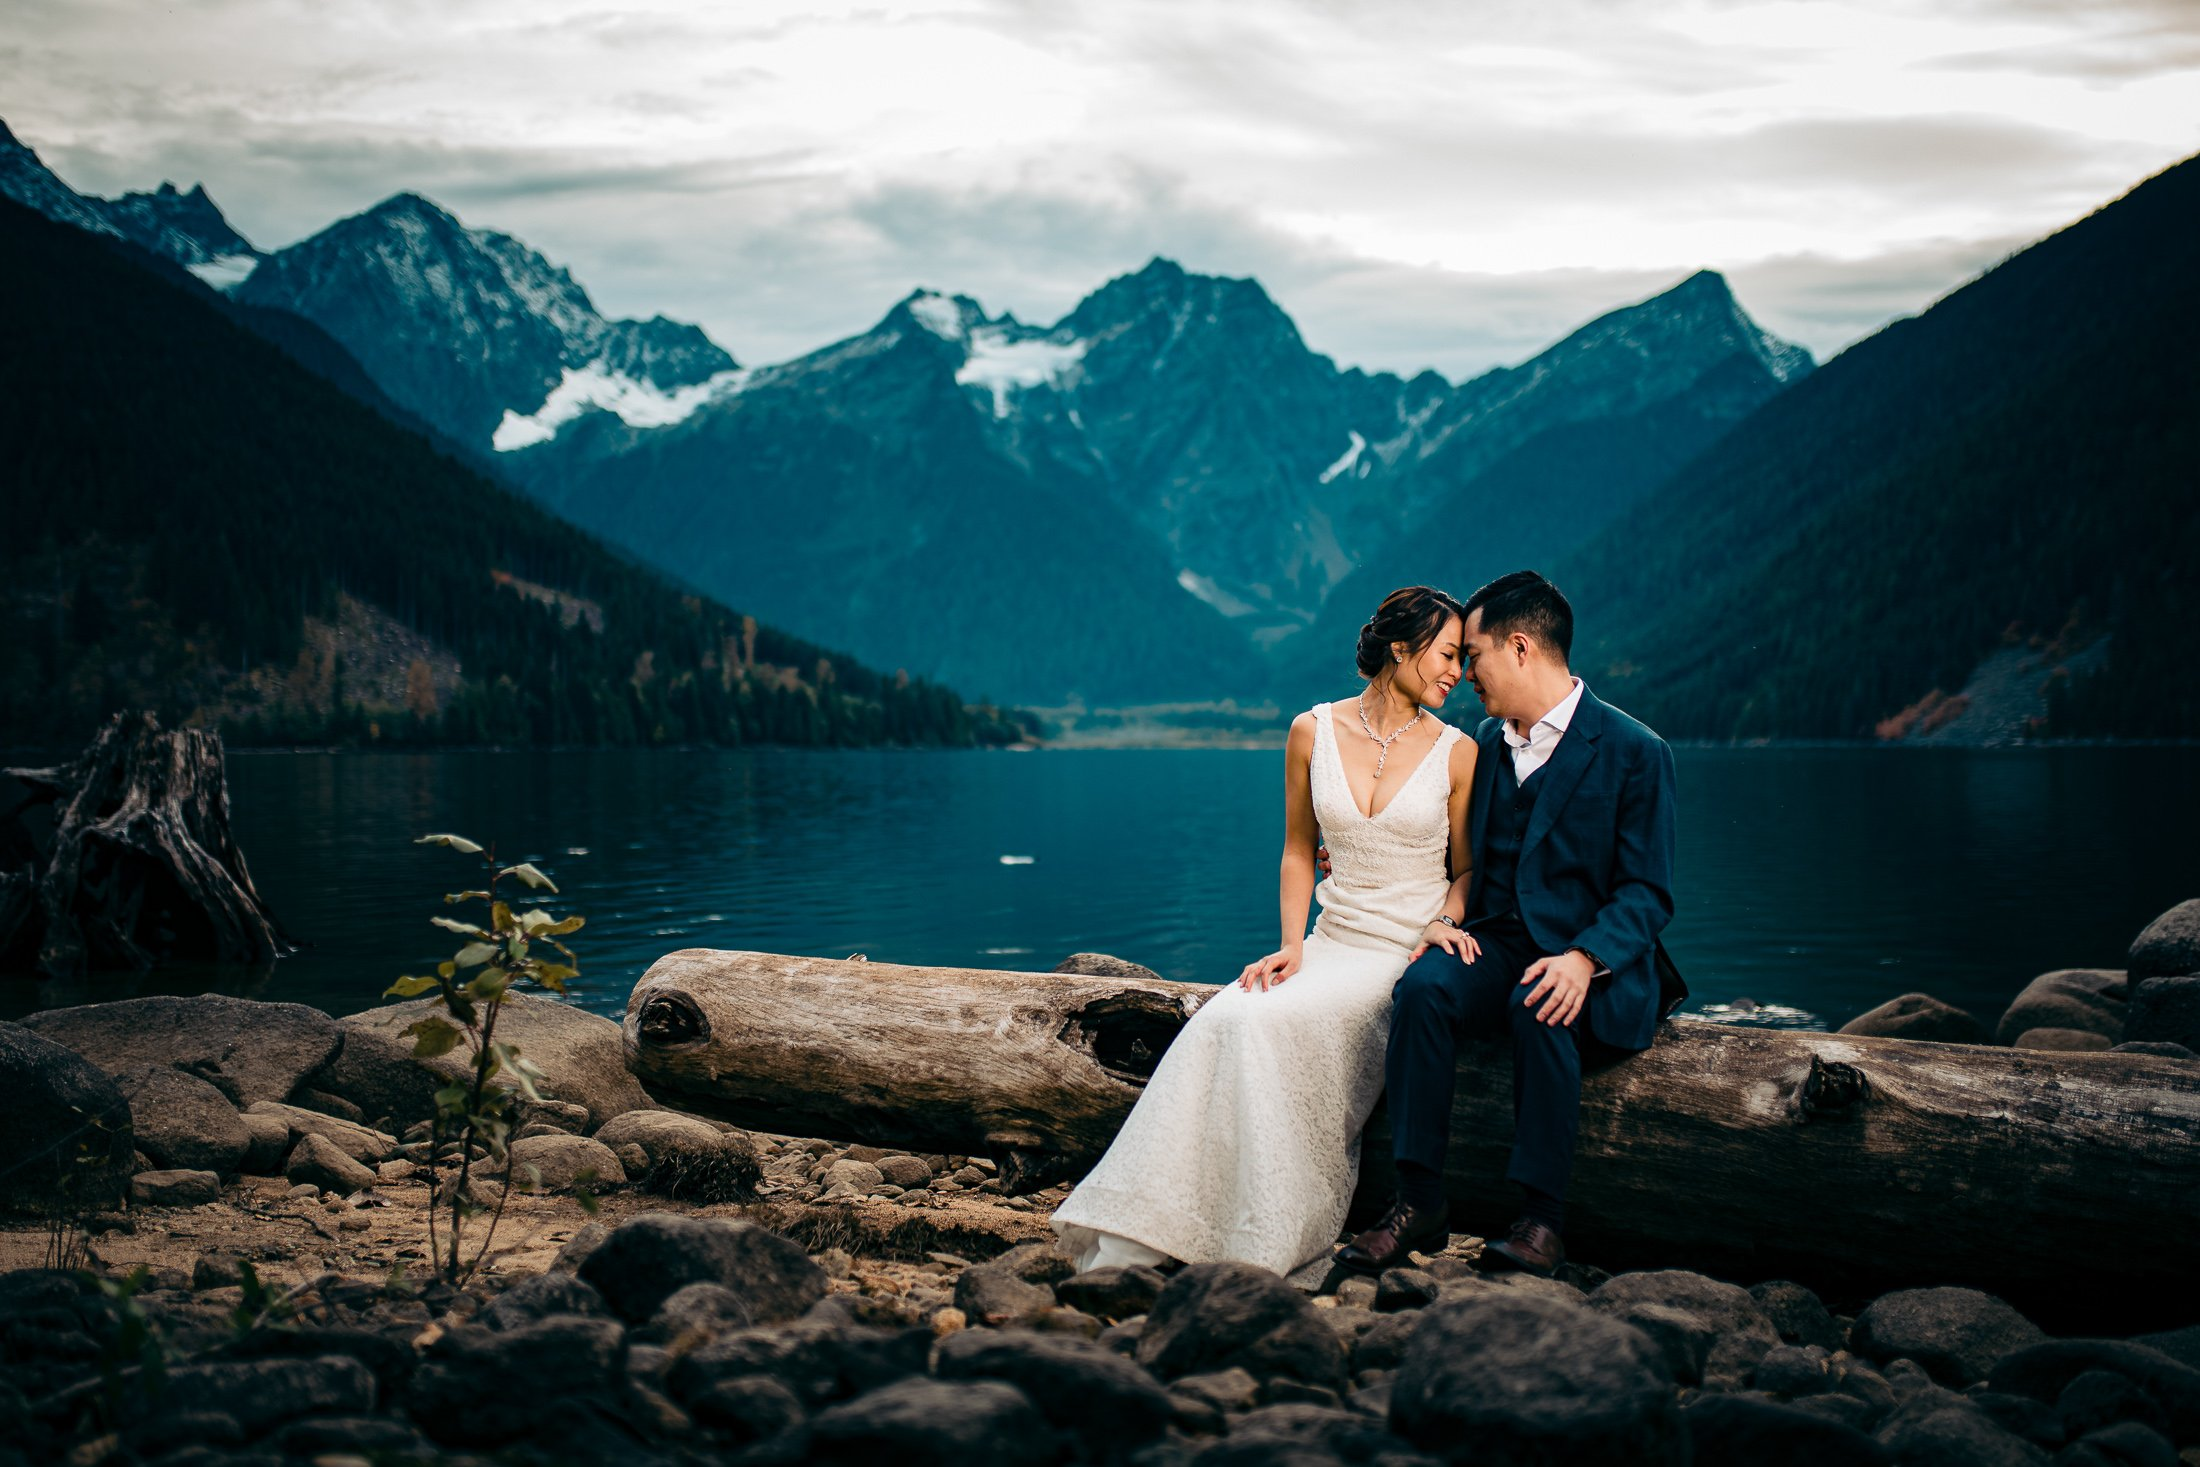 022 - adventure elopement photos british columbia